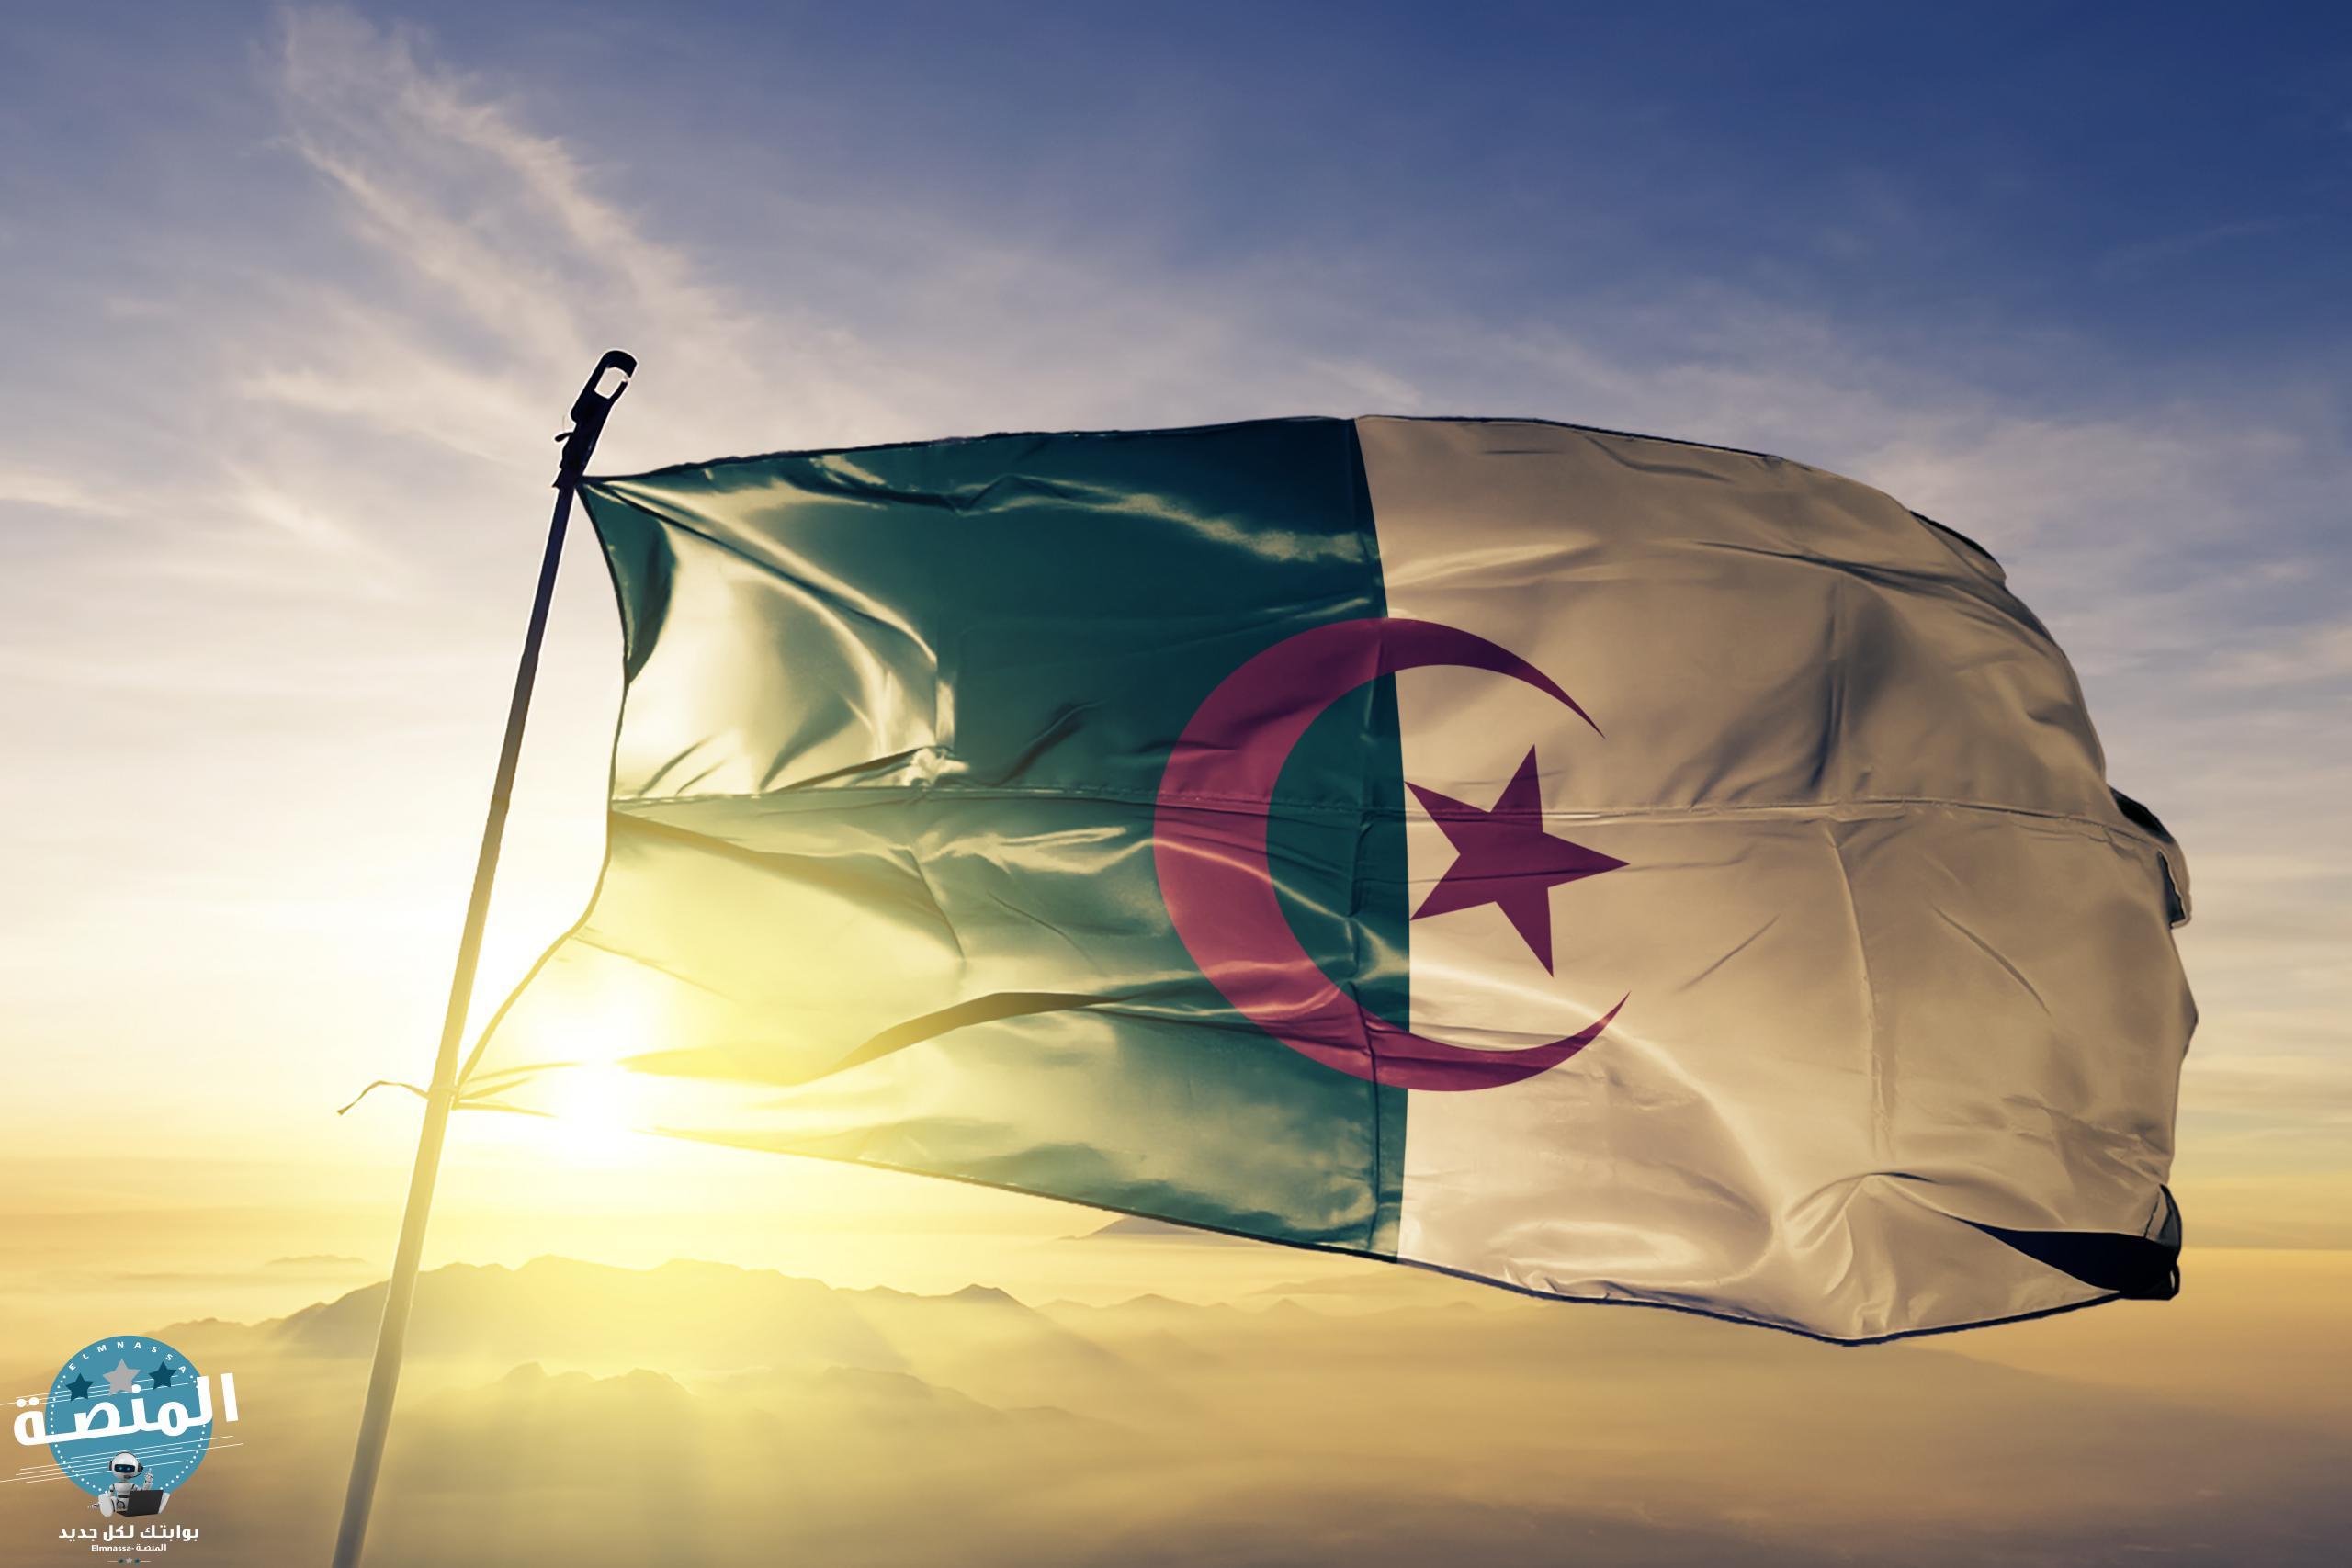 تاريخ الجزائر و معلومات عن الدولة الجزائرية